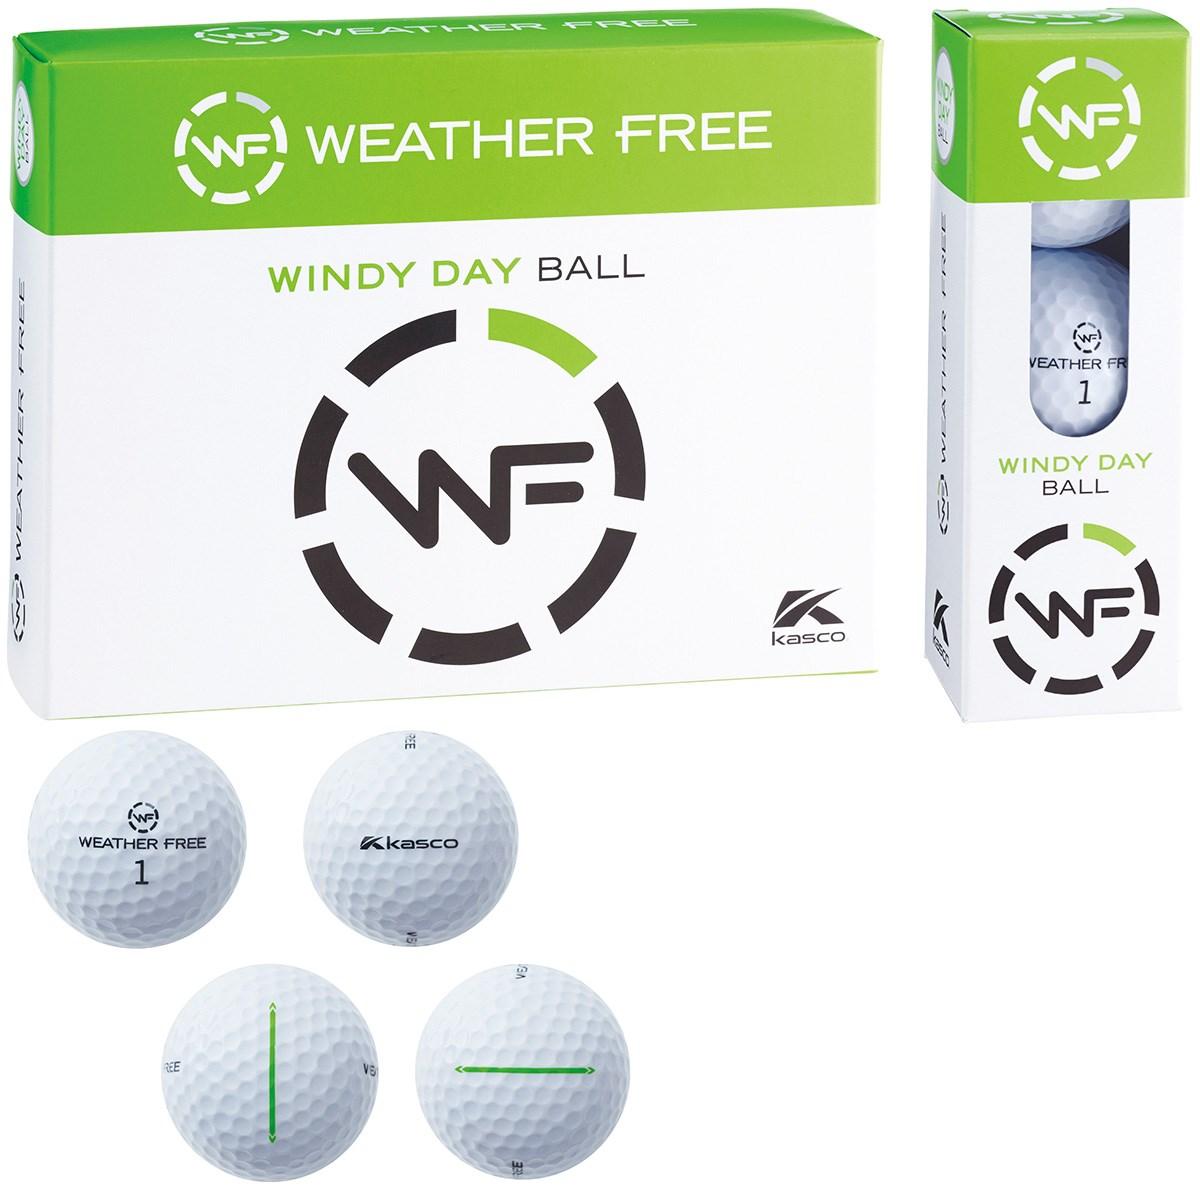 キャスコ(KASCO) WEATHER FREE(WIND) 風対策ボール